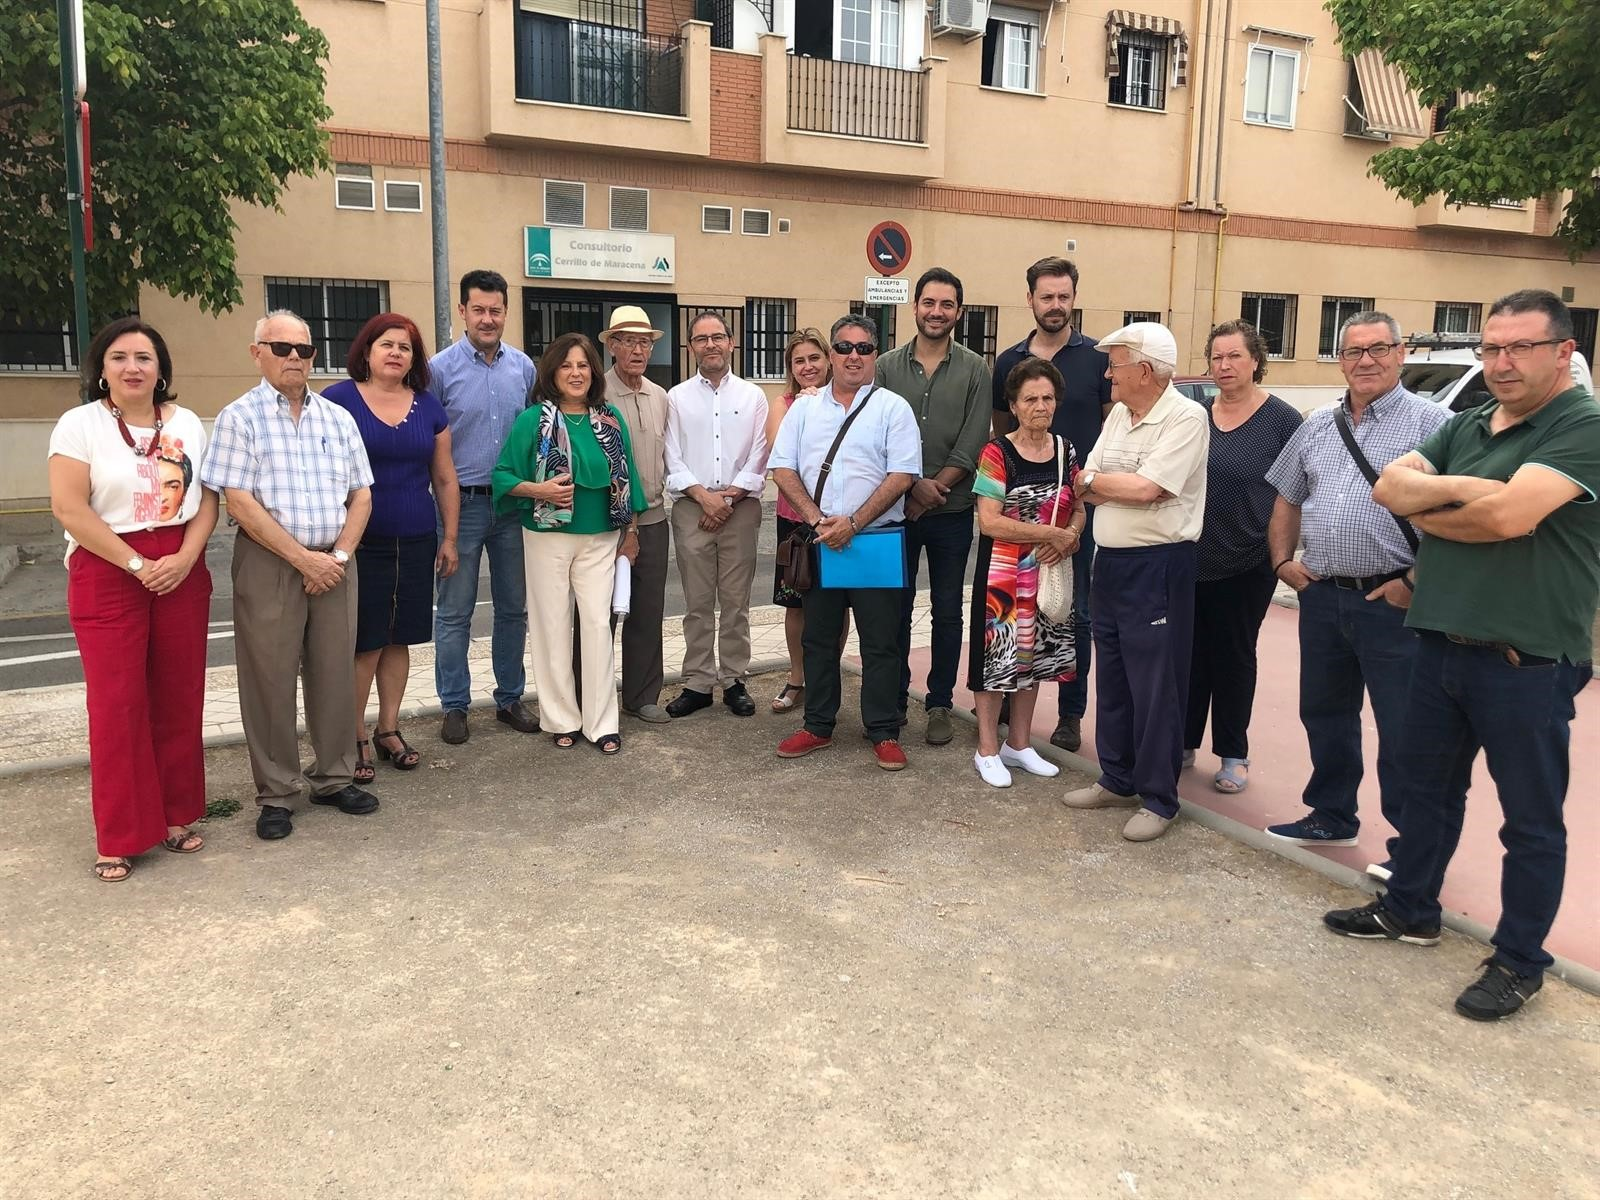 El PSOE critica el «deterioro de la sanidad pública» con el cierre de consultores y recortes en profesionales